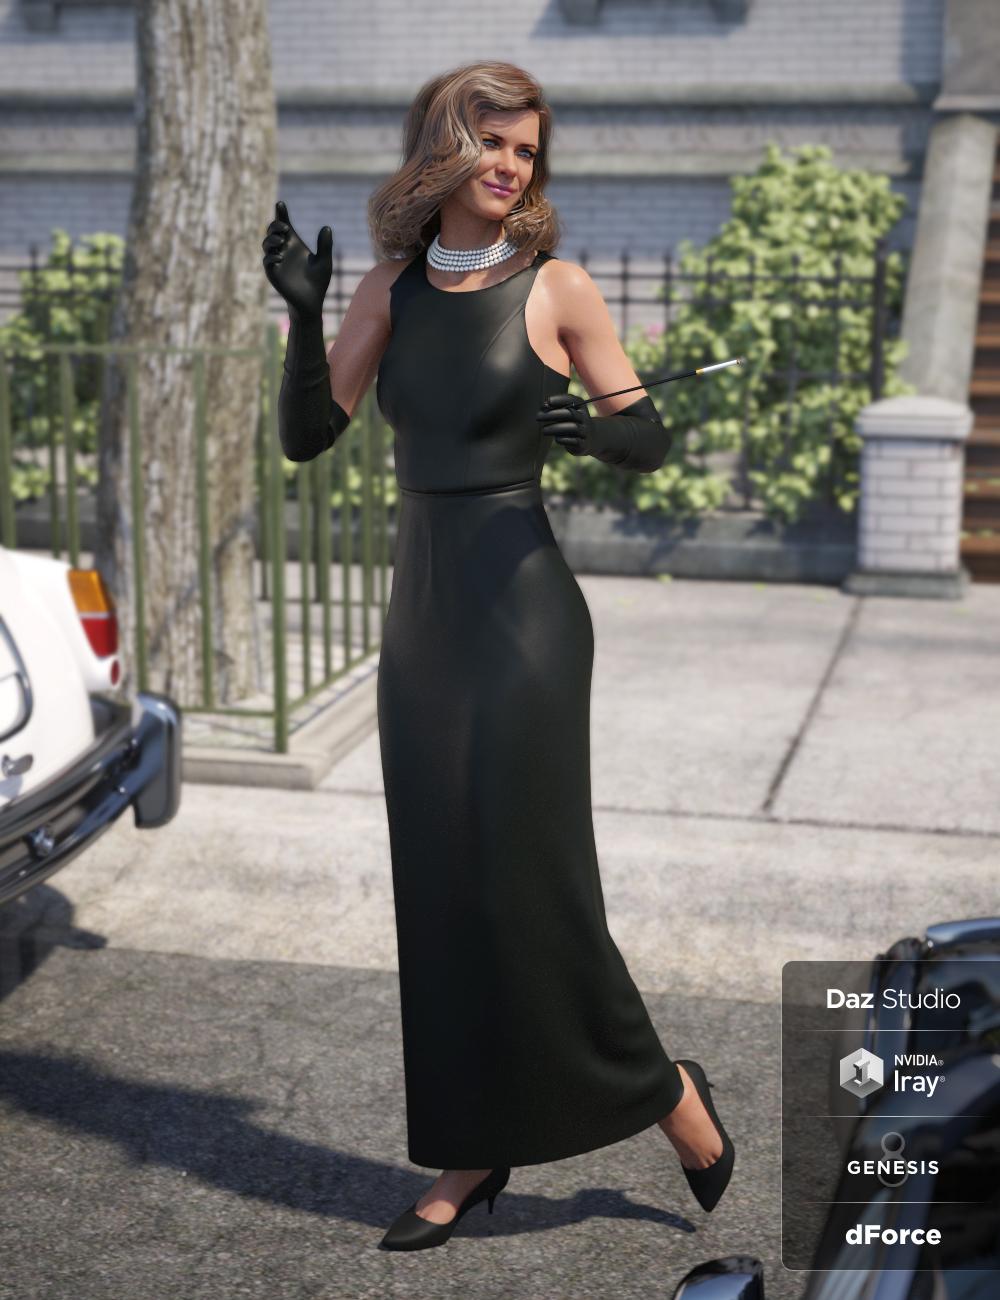 dForce Breakfast Date Outfit for Genesis 8 Female(s) by: NikisatezDirtyFairy, 3D Models by Daz 3D